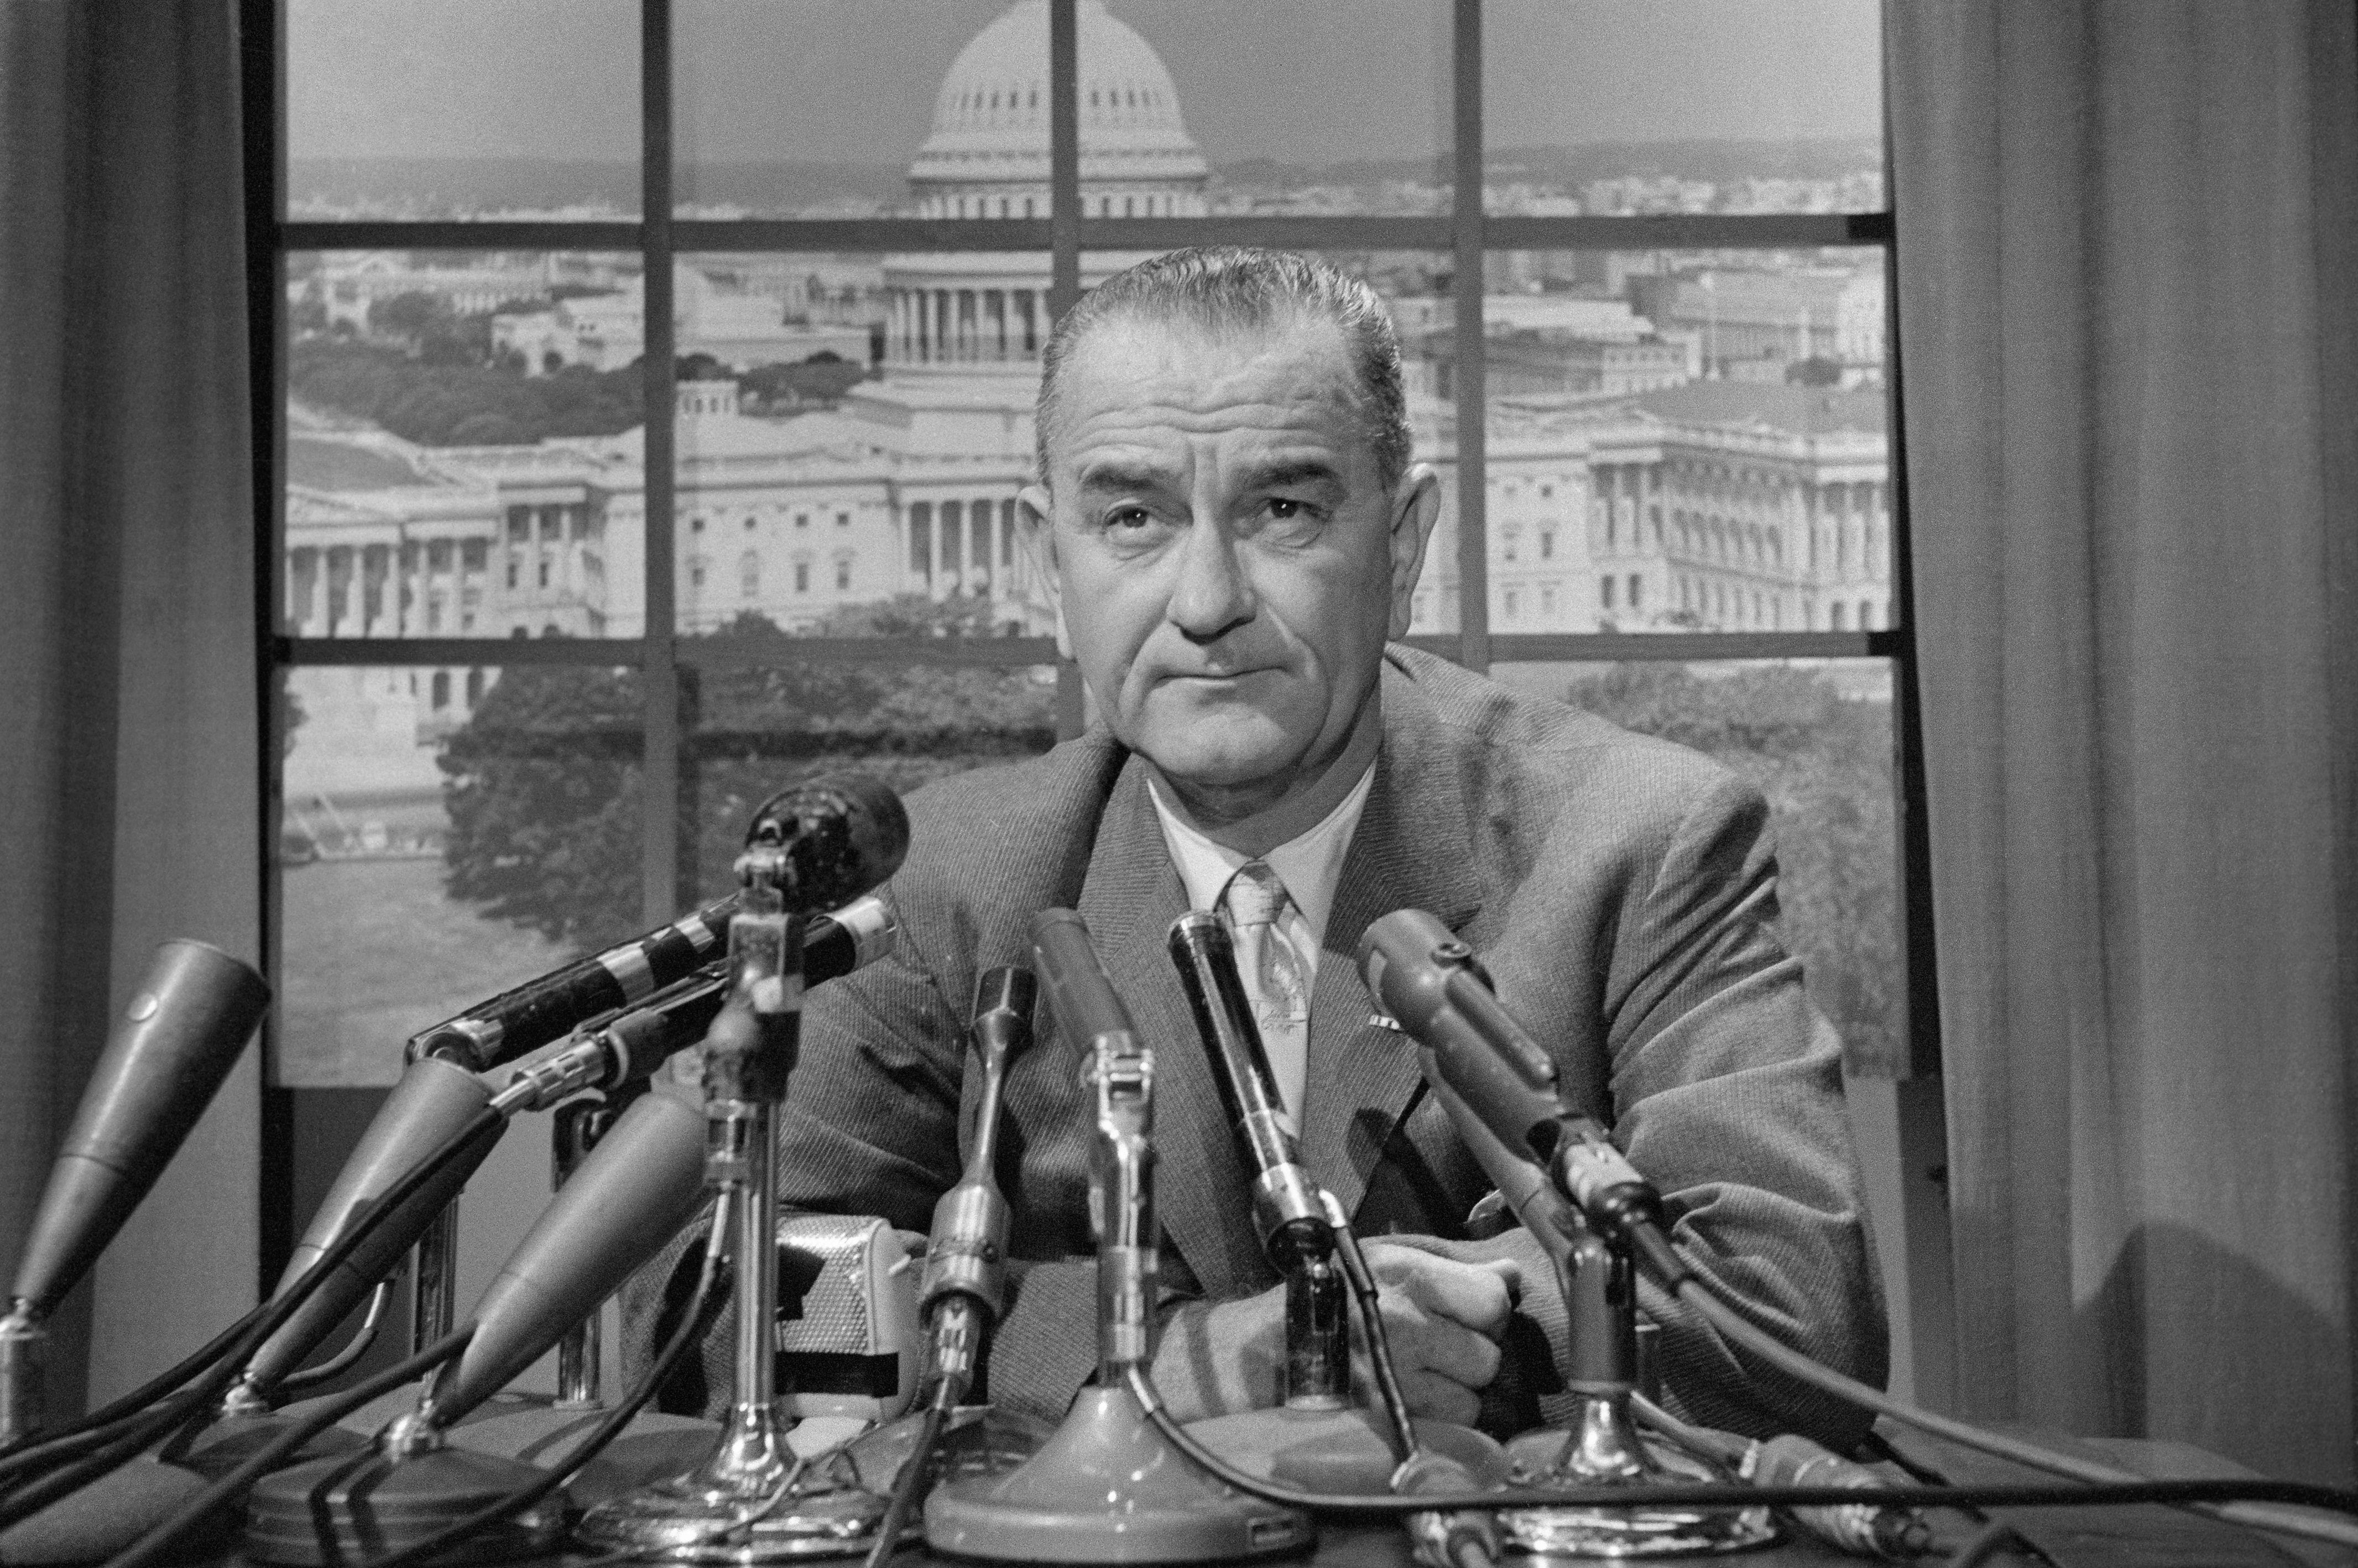 Lyndon B. Johnson at Press Conference